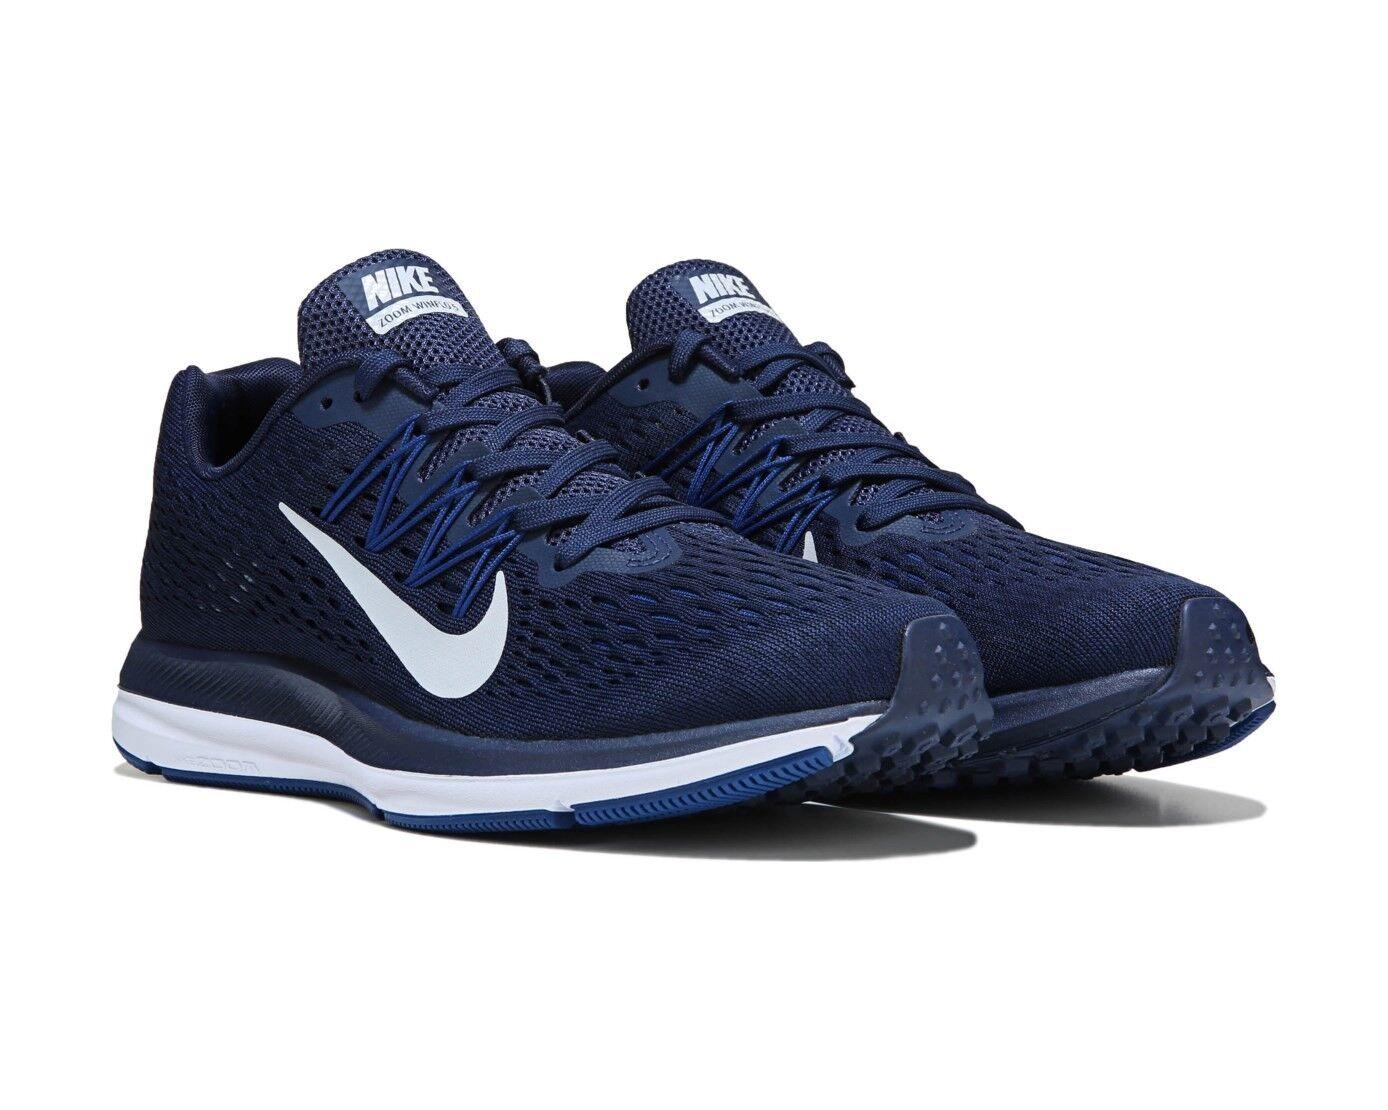 Nike Air Zoom Winflo 5 Men's Running Shoe Navy / Dark White AA7406-401